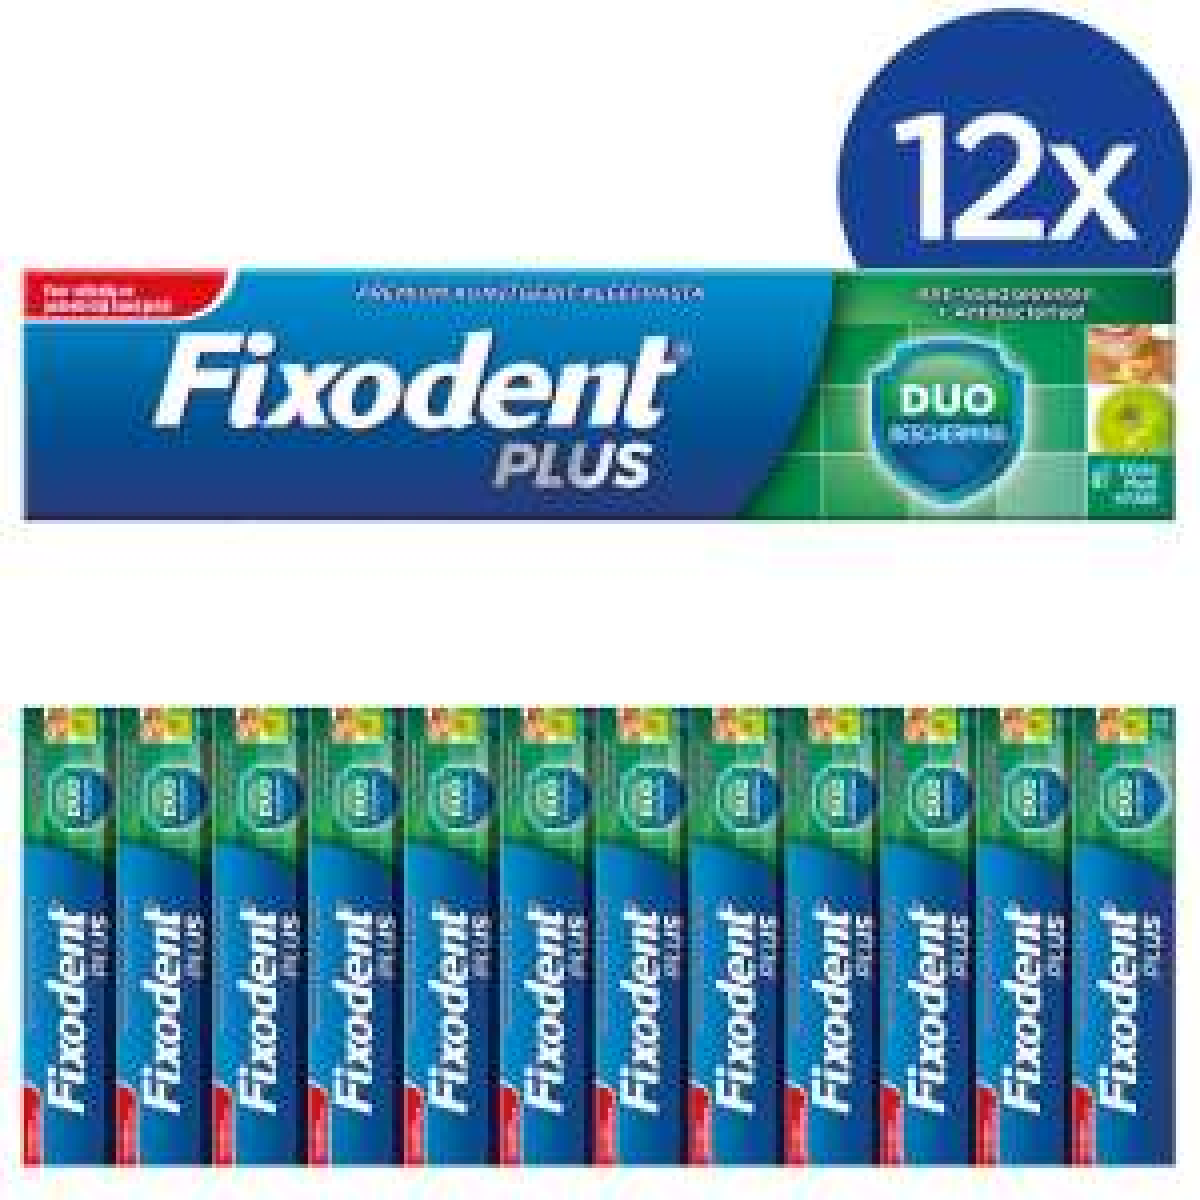 Fixodent Plus kleefpasta voordeelverpakking (12 stuks) voor €9 @ Bol.com